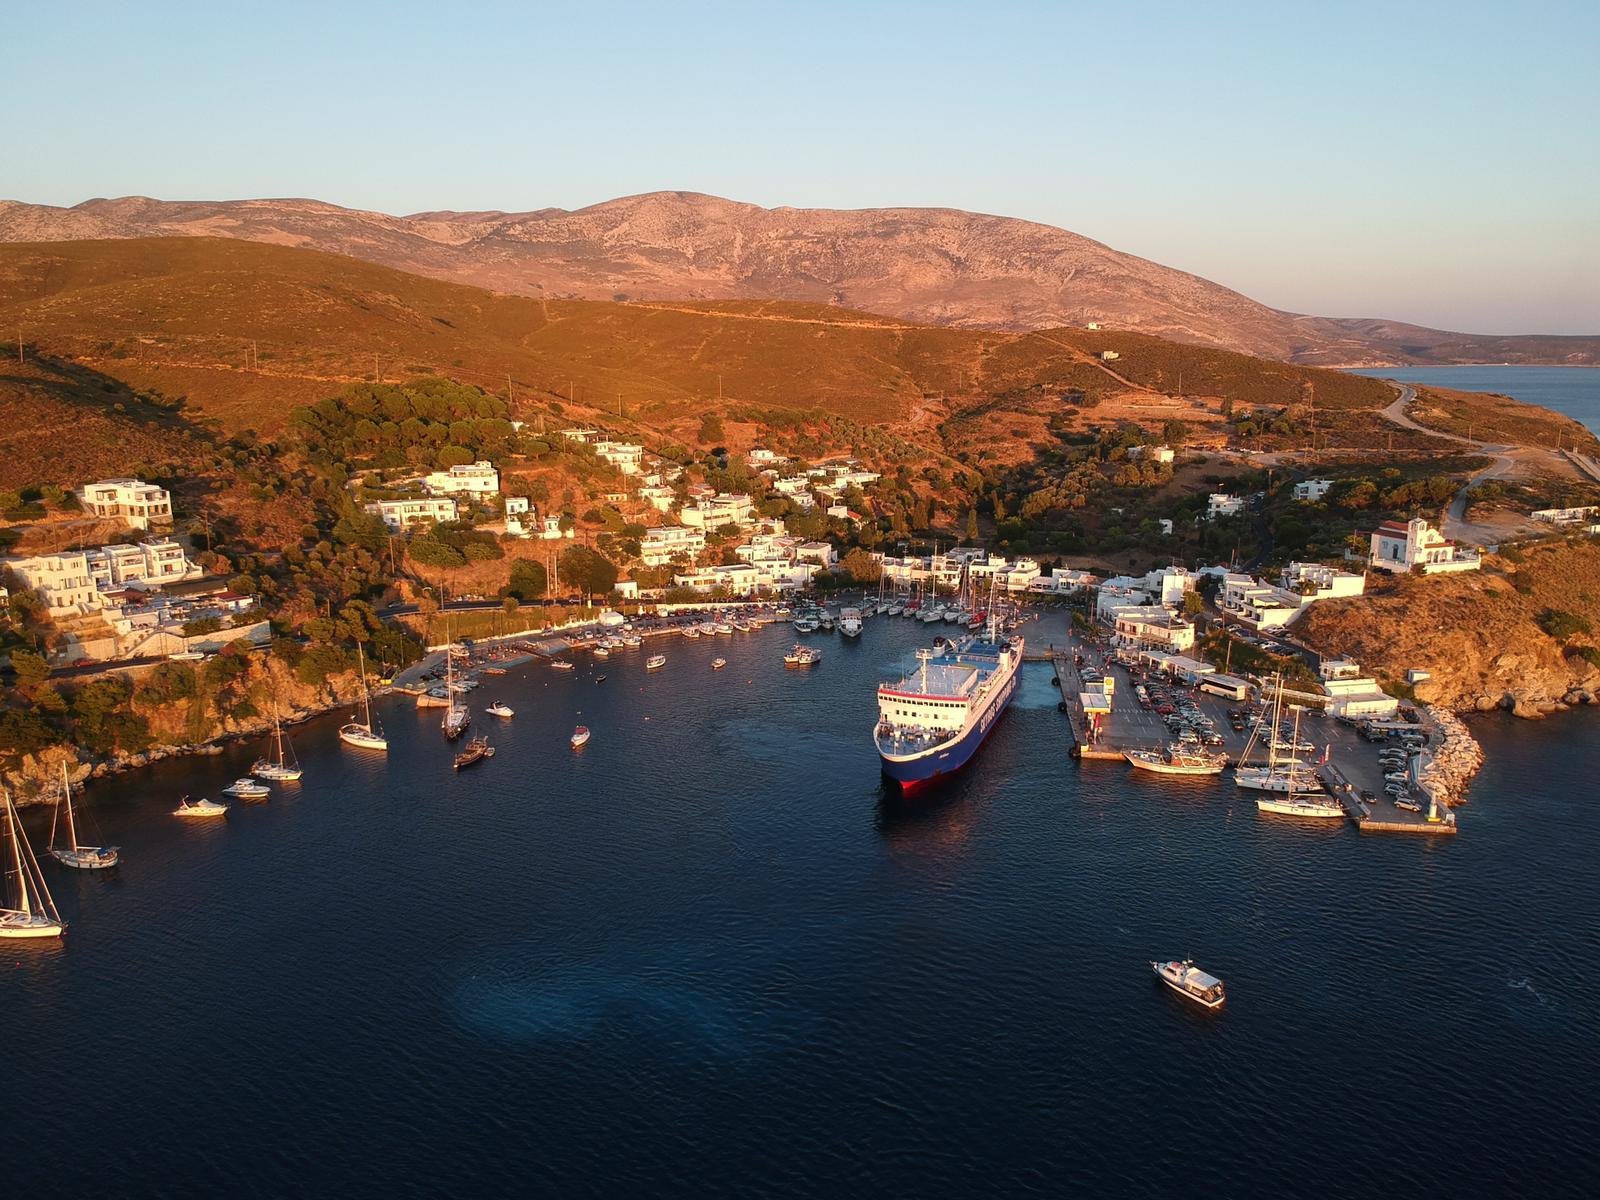 Το λιμάνι μας